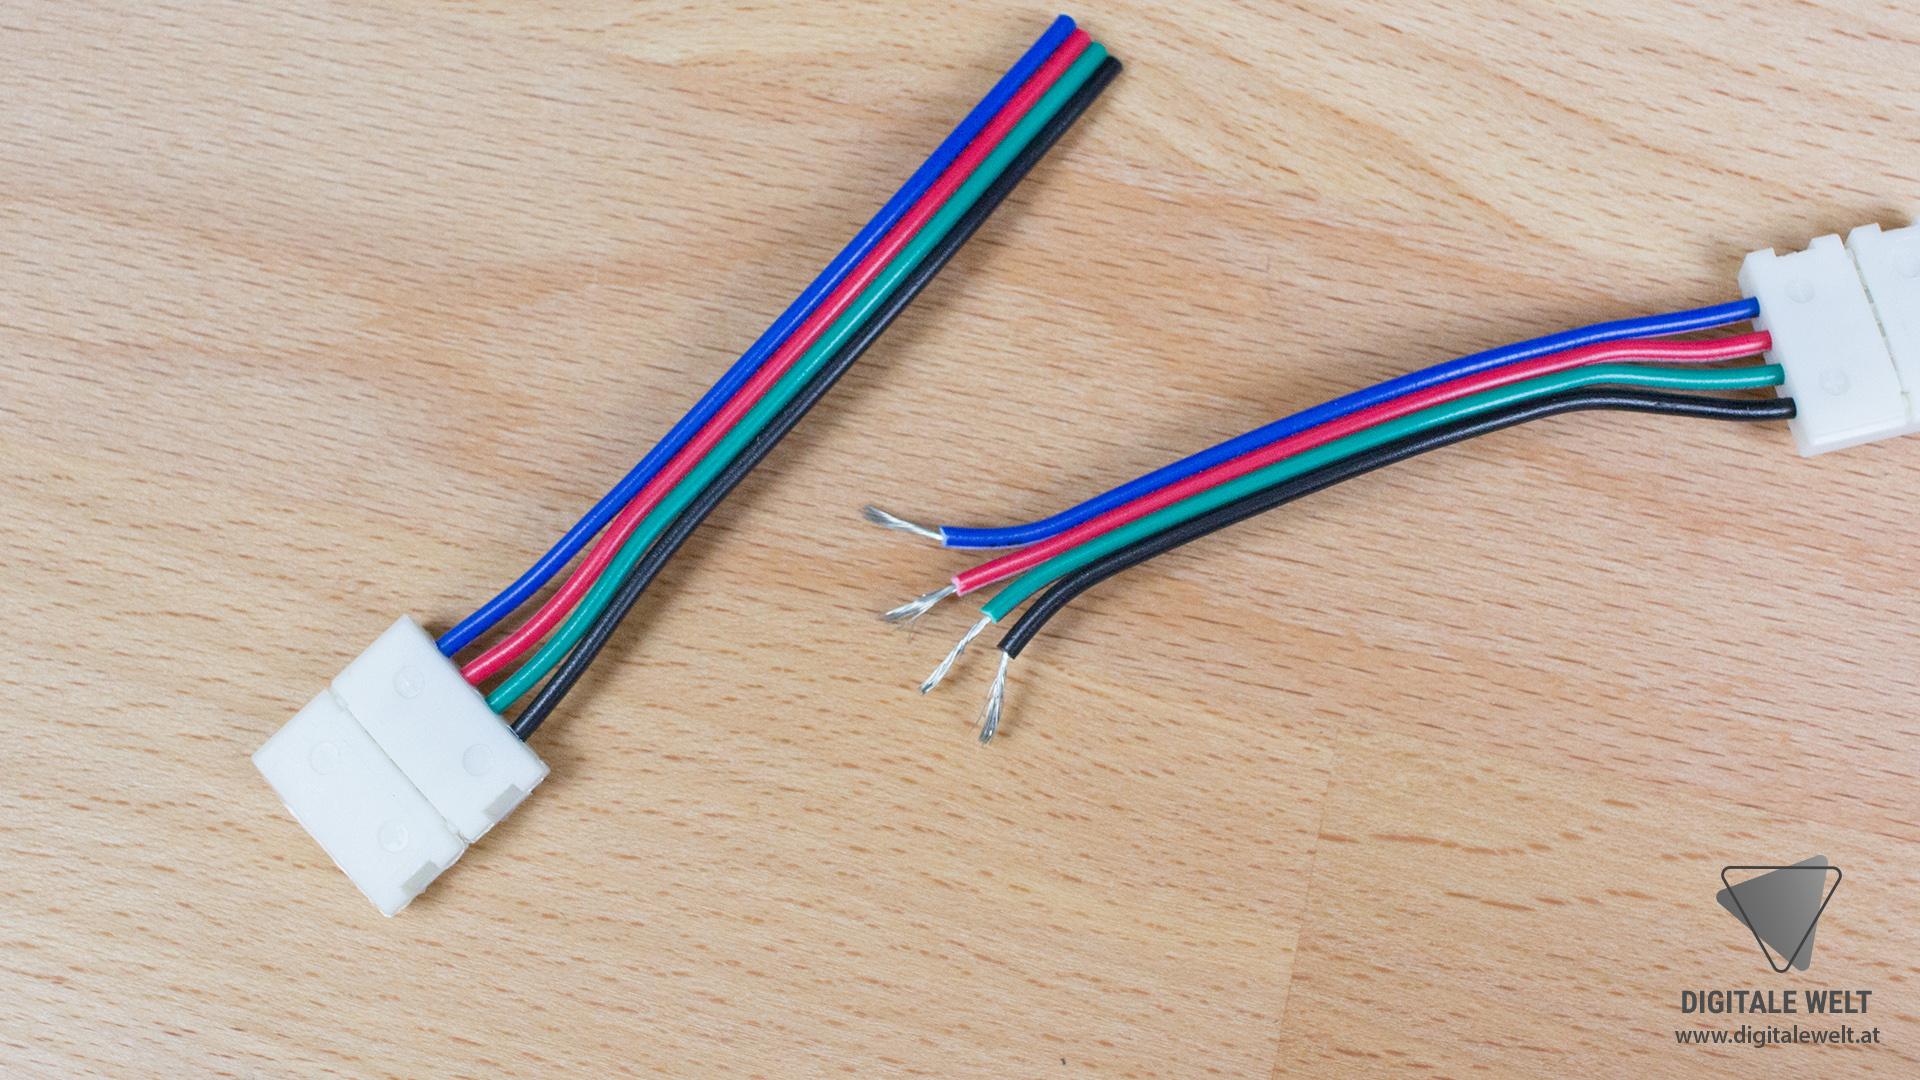 Ambilight ohne Löten - 4-polige Verbindungskabel Stecker wegschneiden (DigitaleWelt)